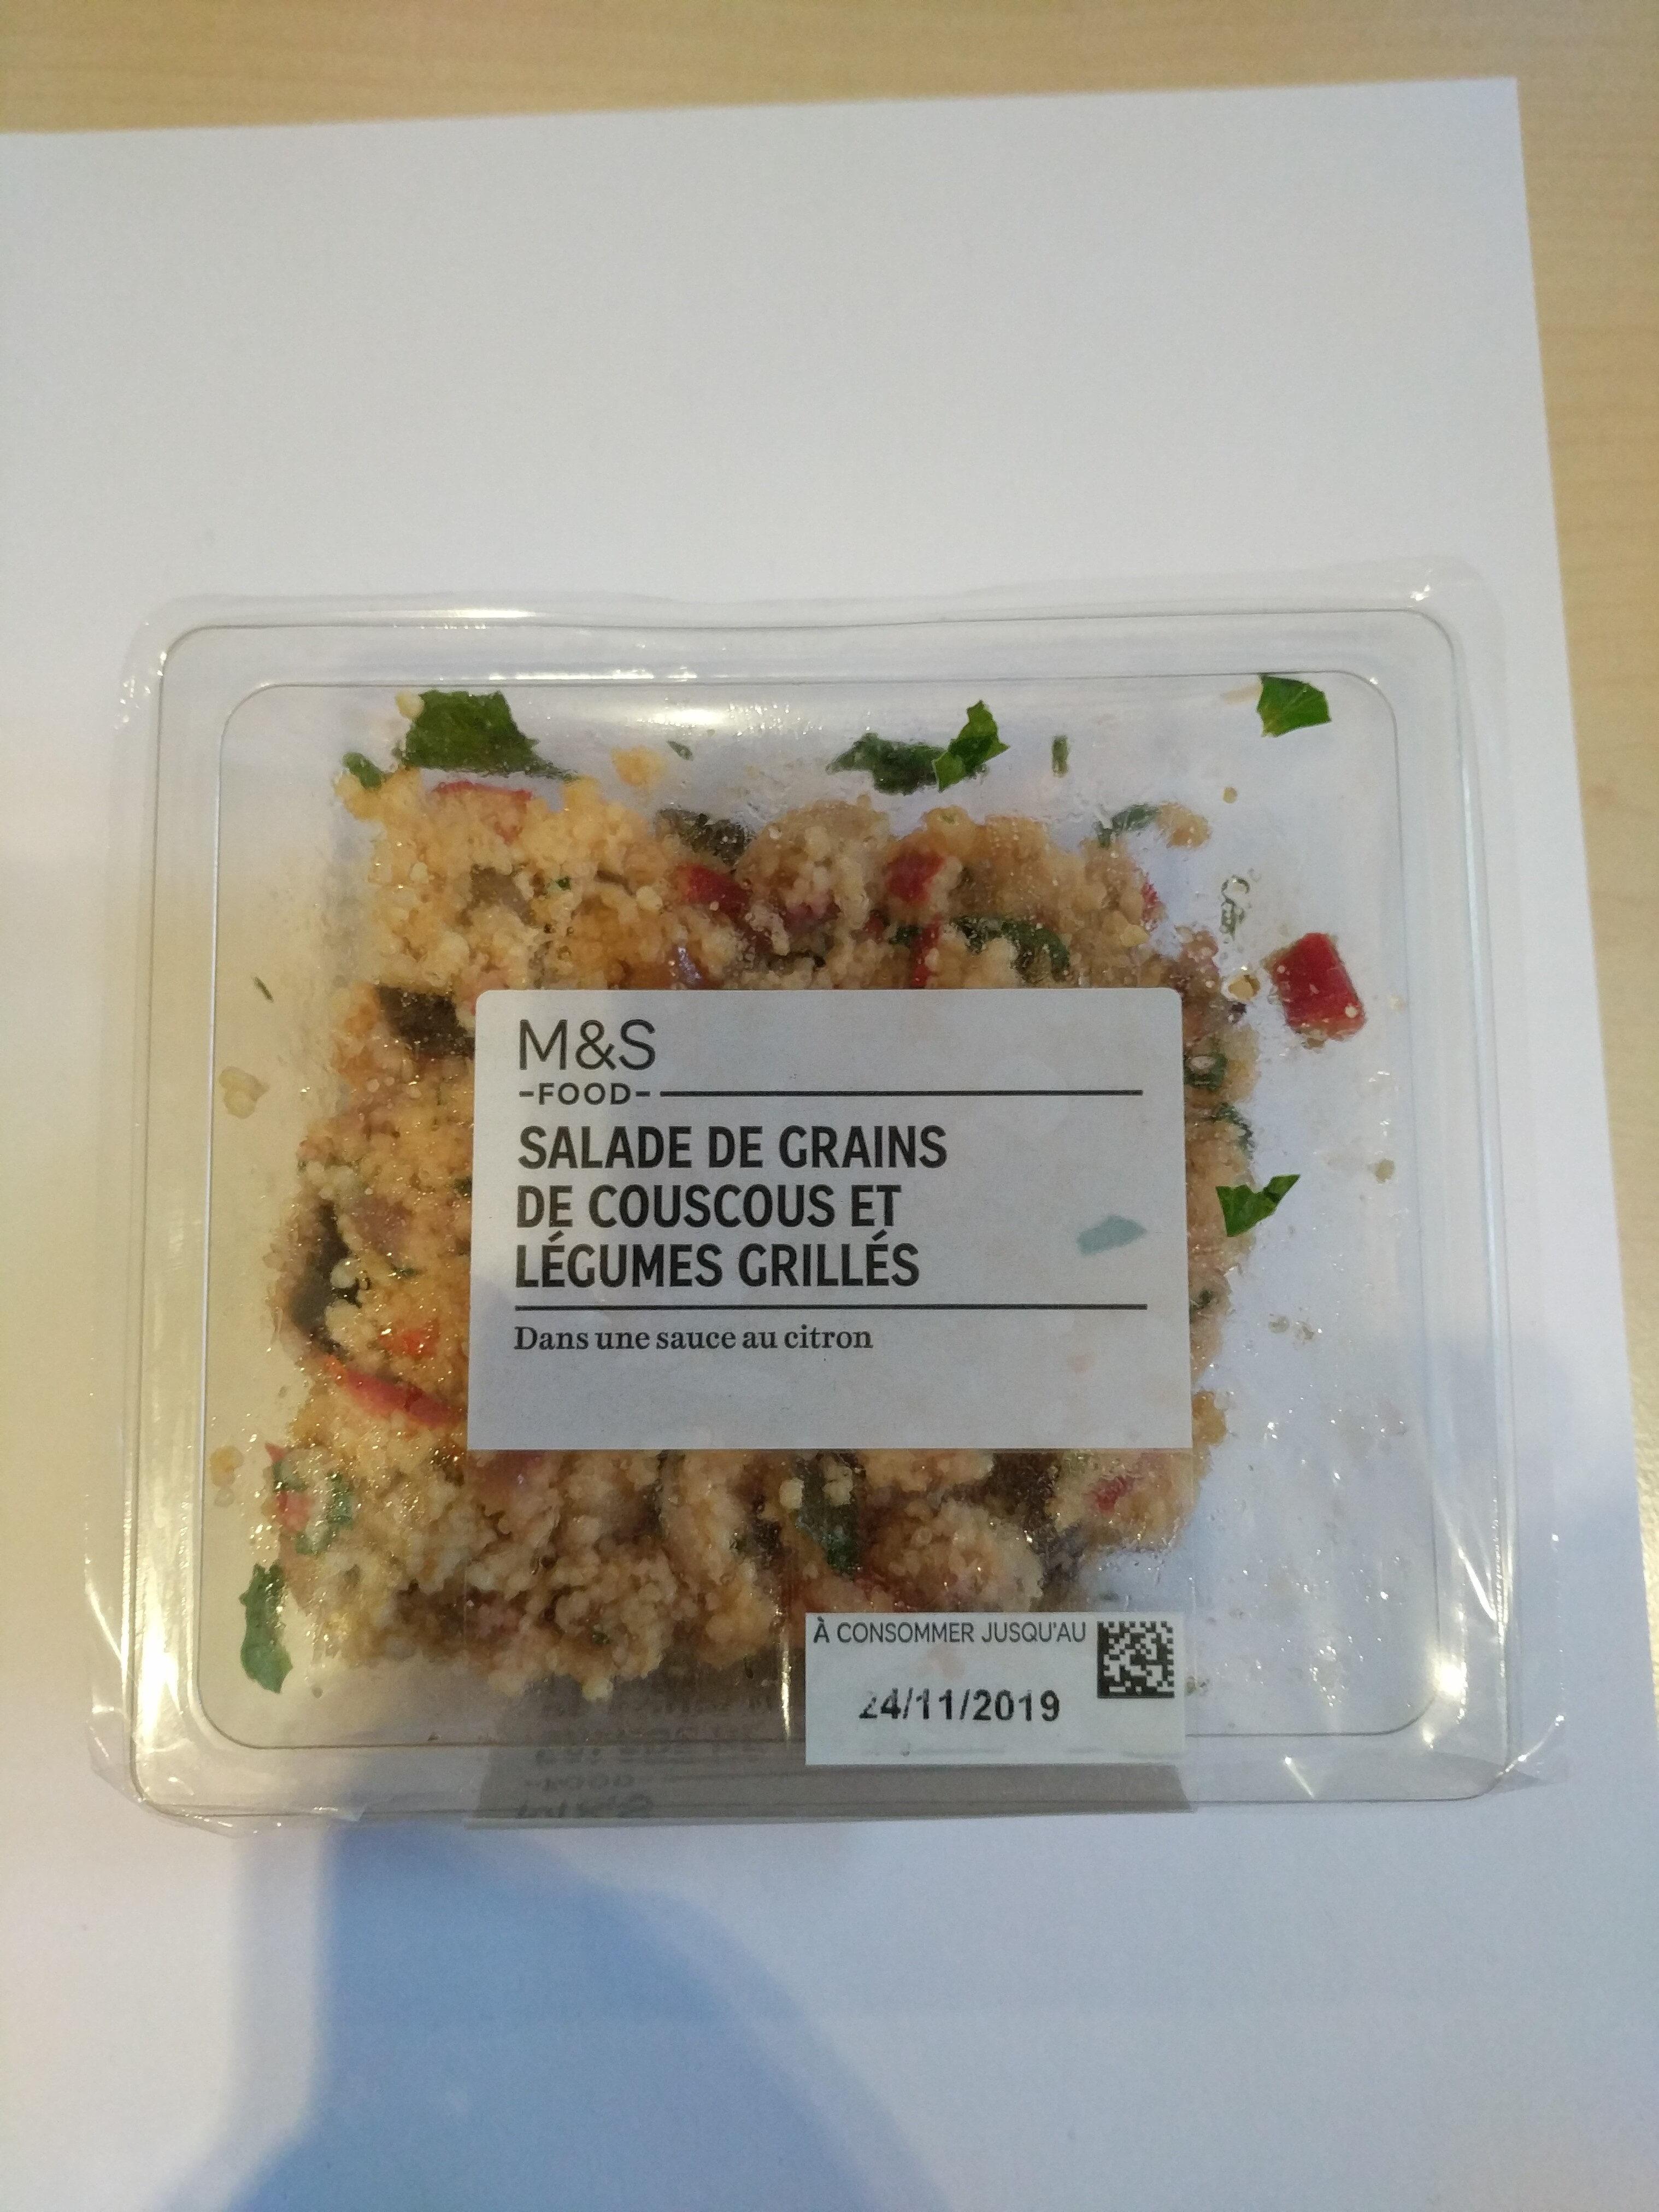 Salade Couscous Et Legumes Grilles - Produit